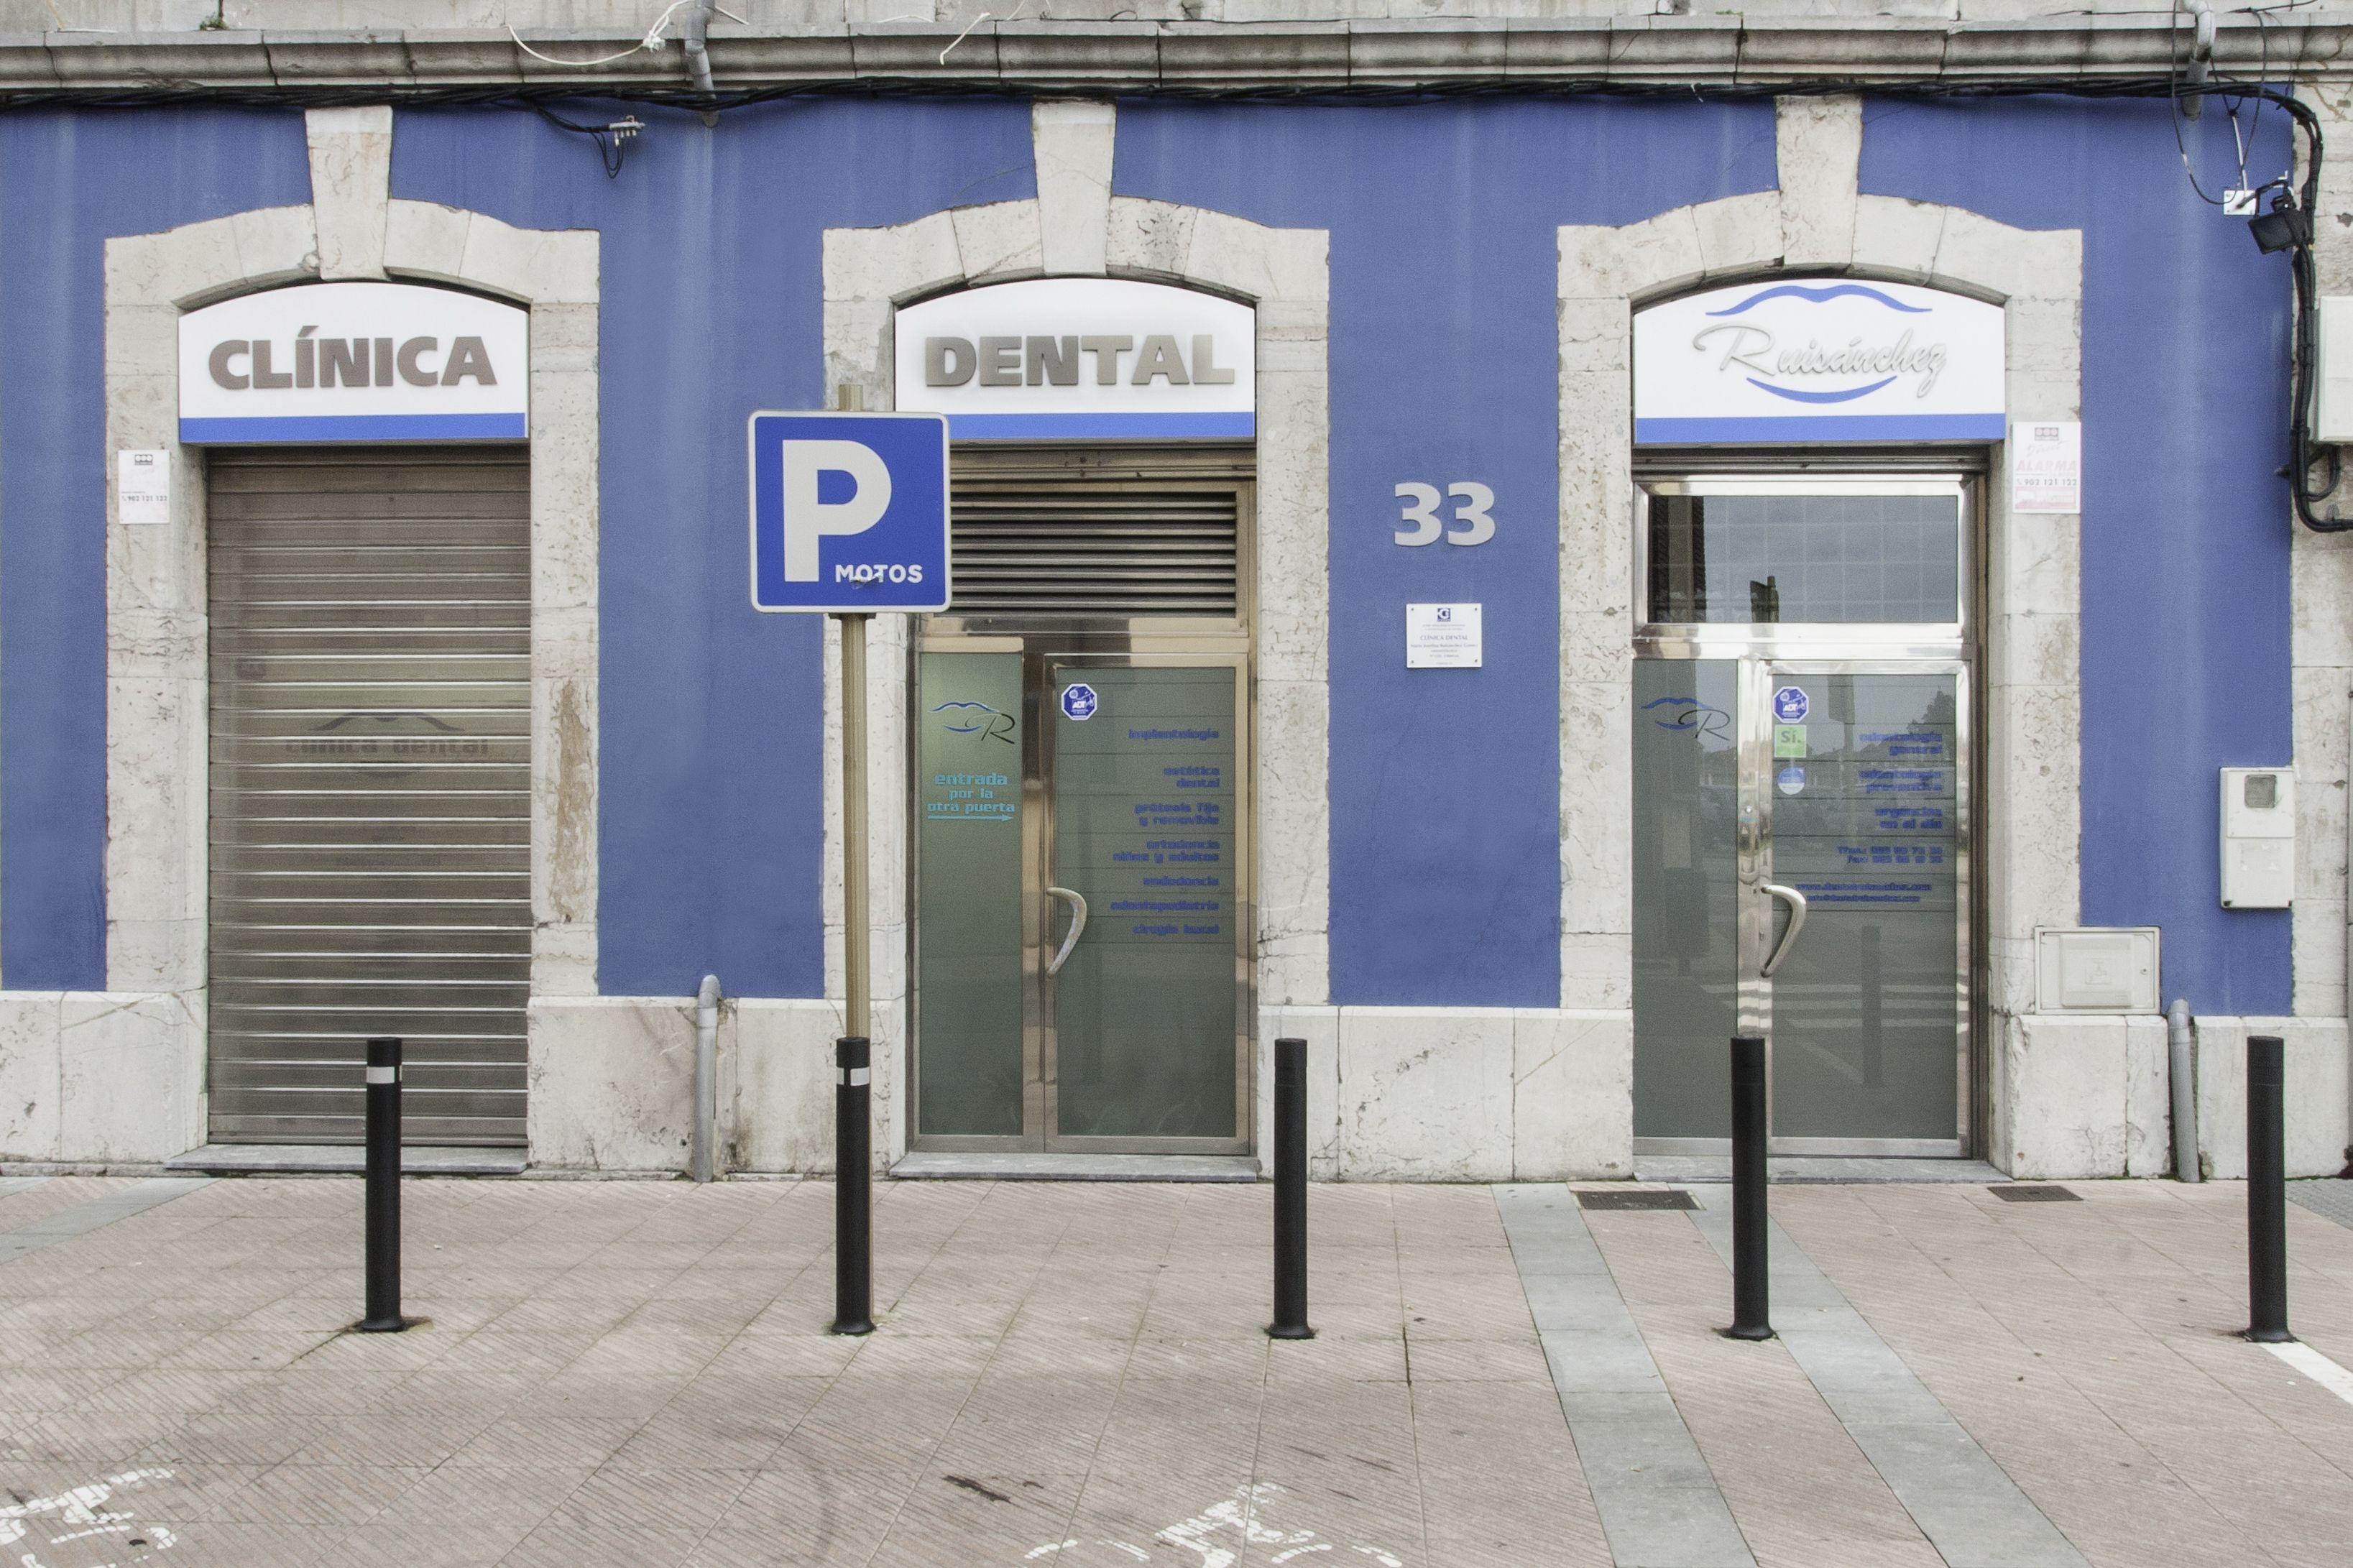 Foto 2 de Clínicas en Gijón | Clínica Dental Cuesta y Ruisánchez, S.L.